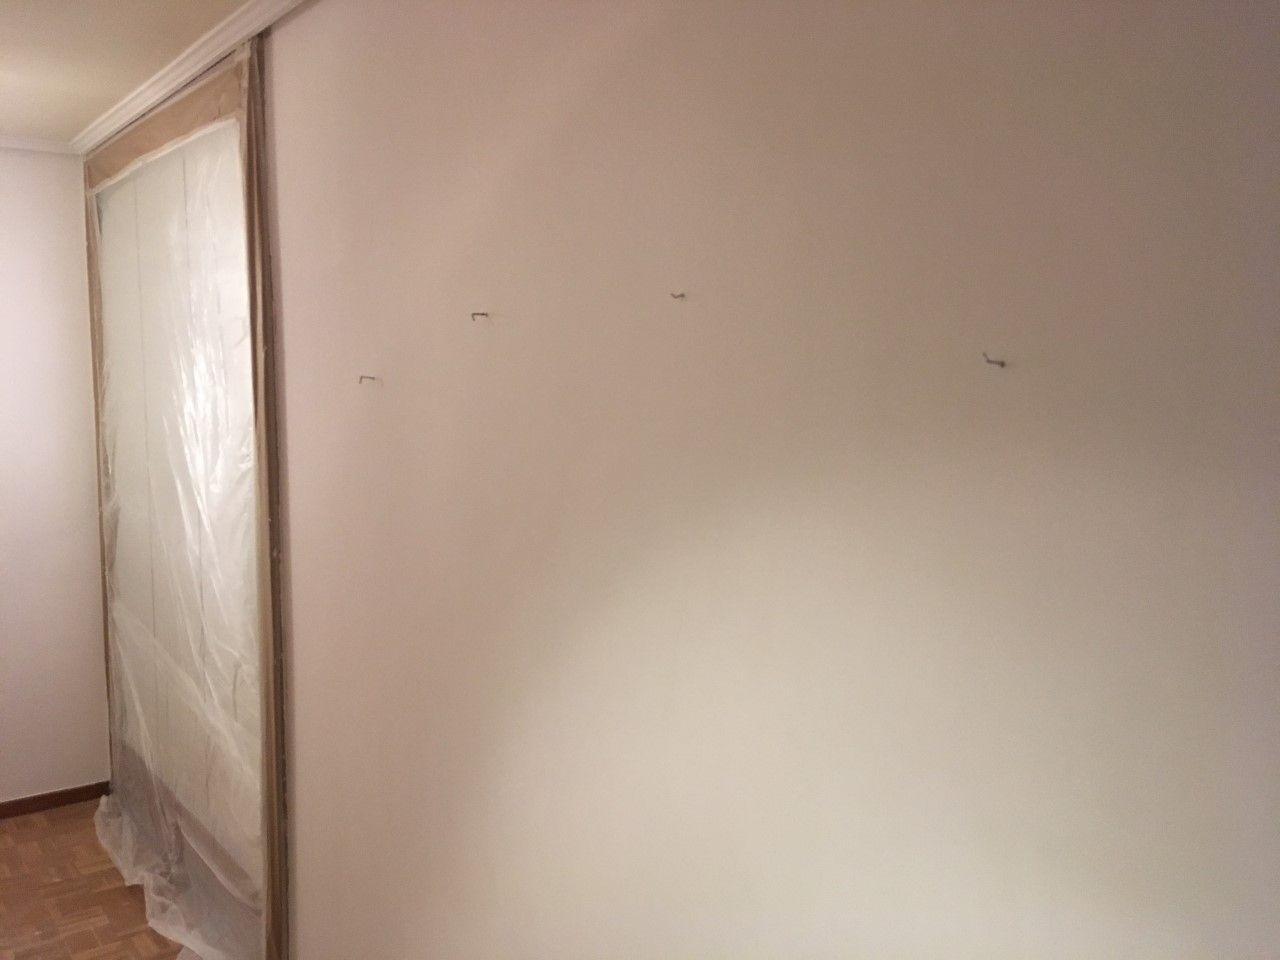 Como quitar el gotele latest alisar paredes quitar gotele - Alisar paredes de gotele ...